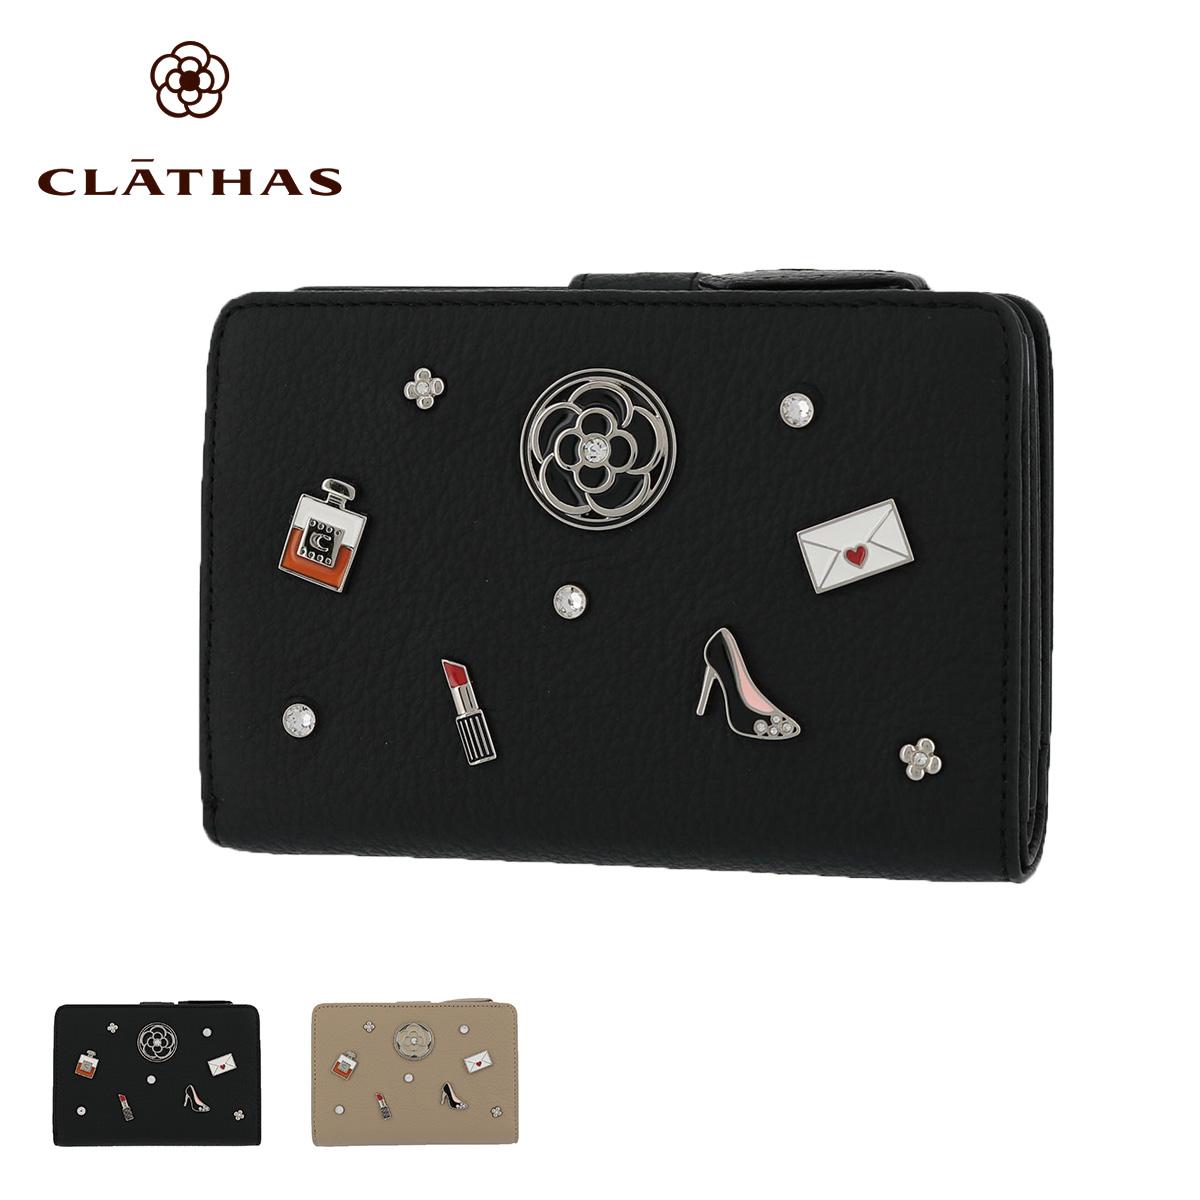 クレイサス 二つ折り財布 アニス レディース 187882 CLATHAS |本革 レザー ブランド専用BOX付き [PO5][即日発送][bef]